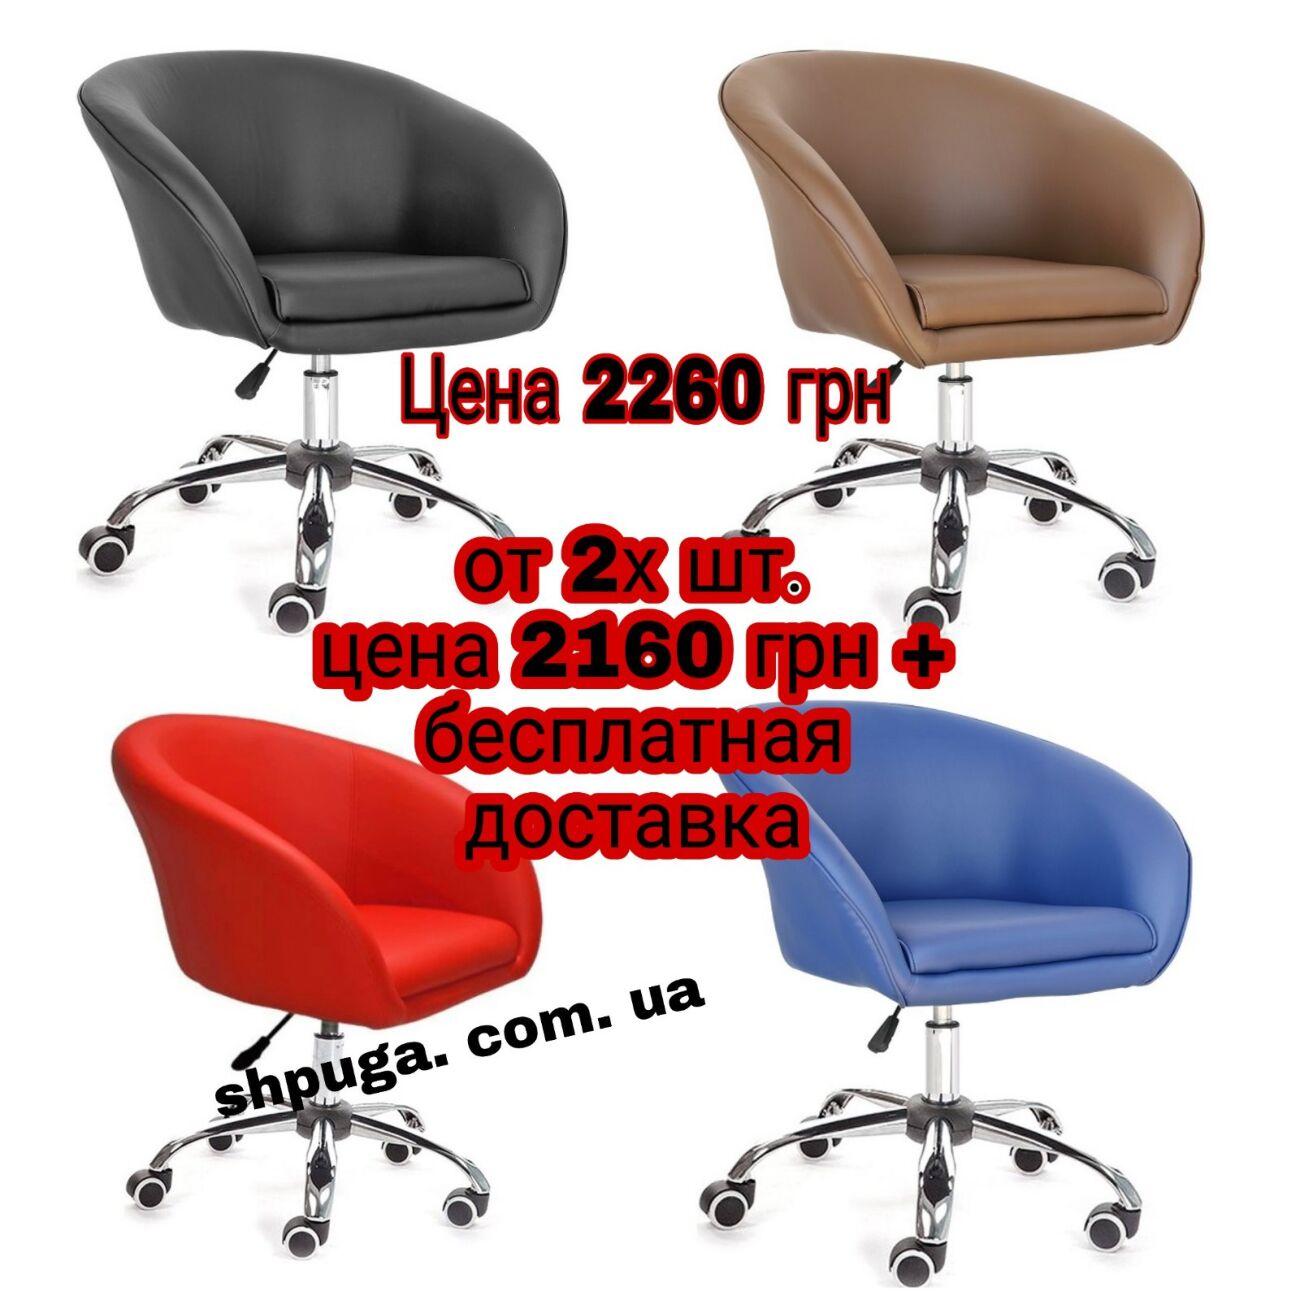 Кресла парикмахерские , кресла косметические , кресла офисные